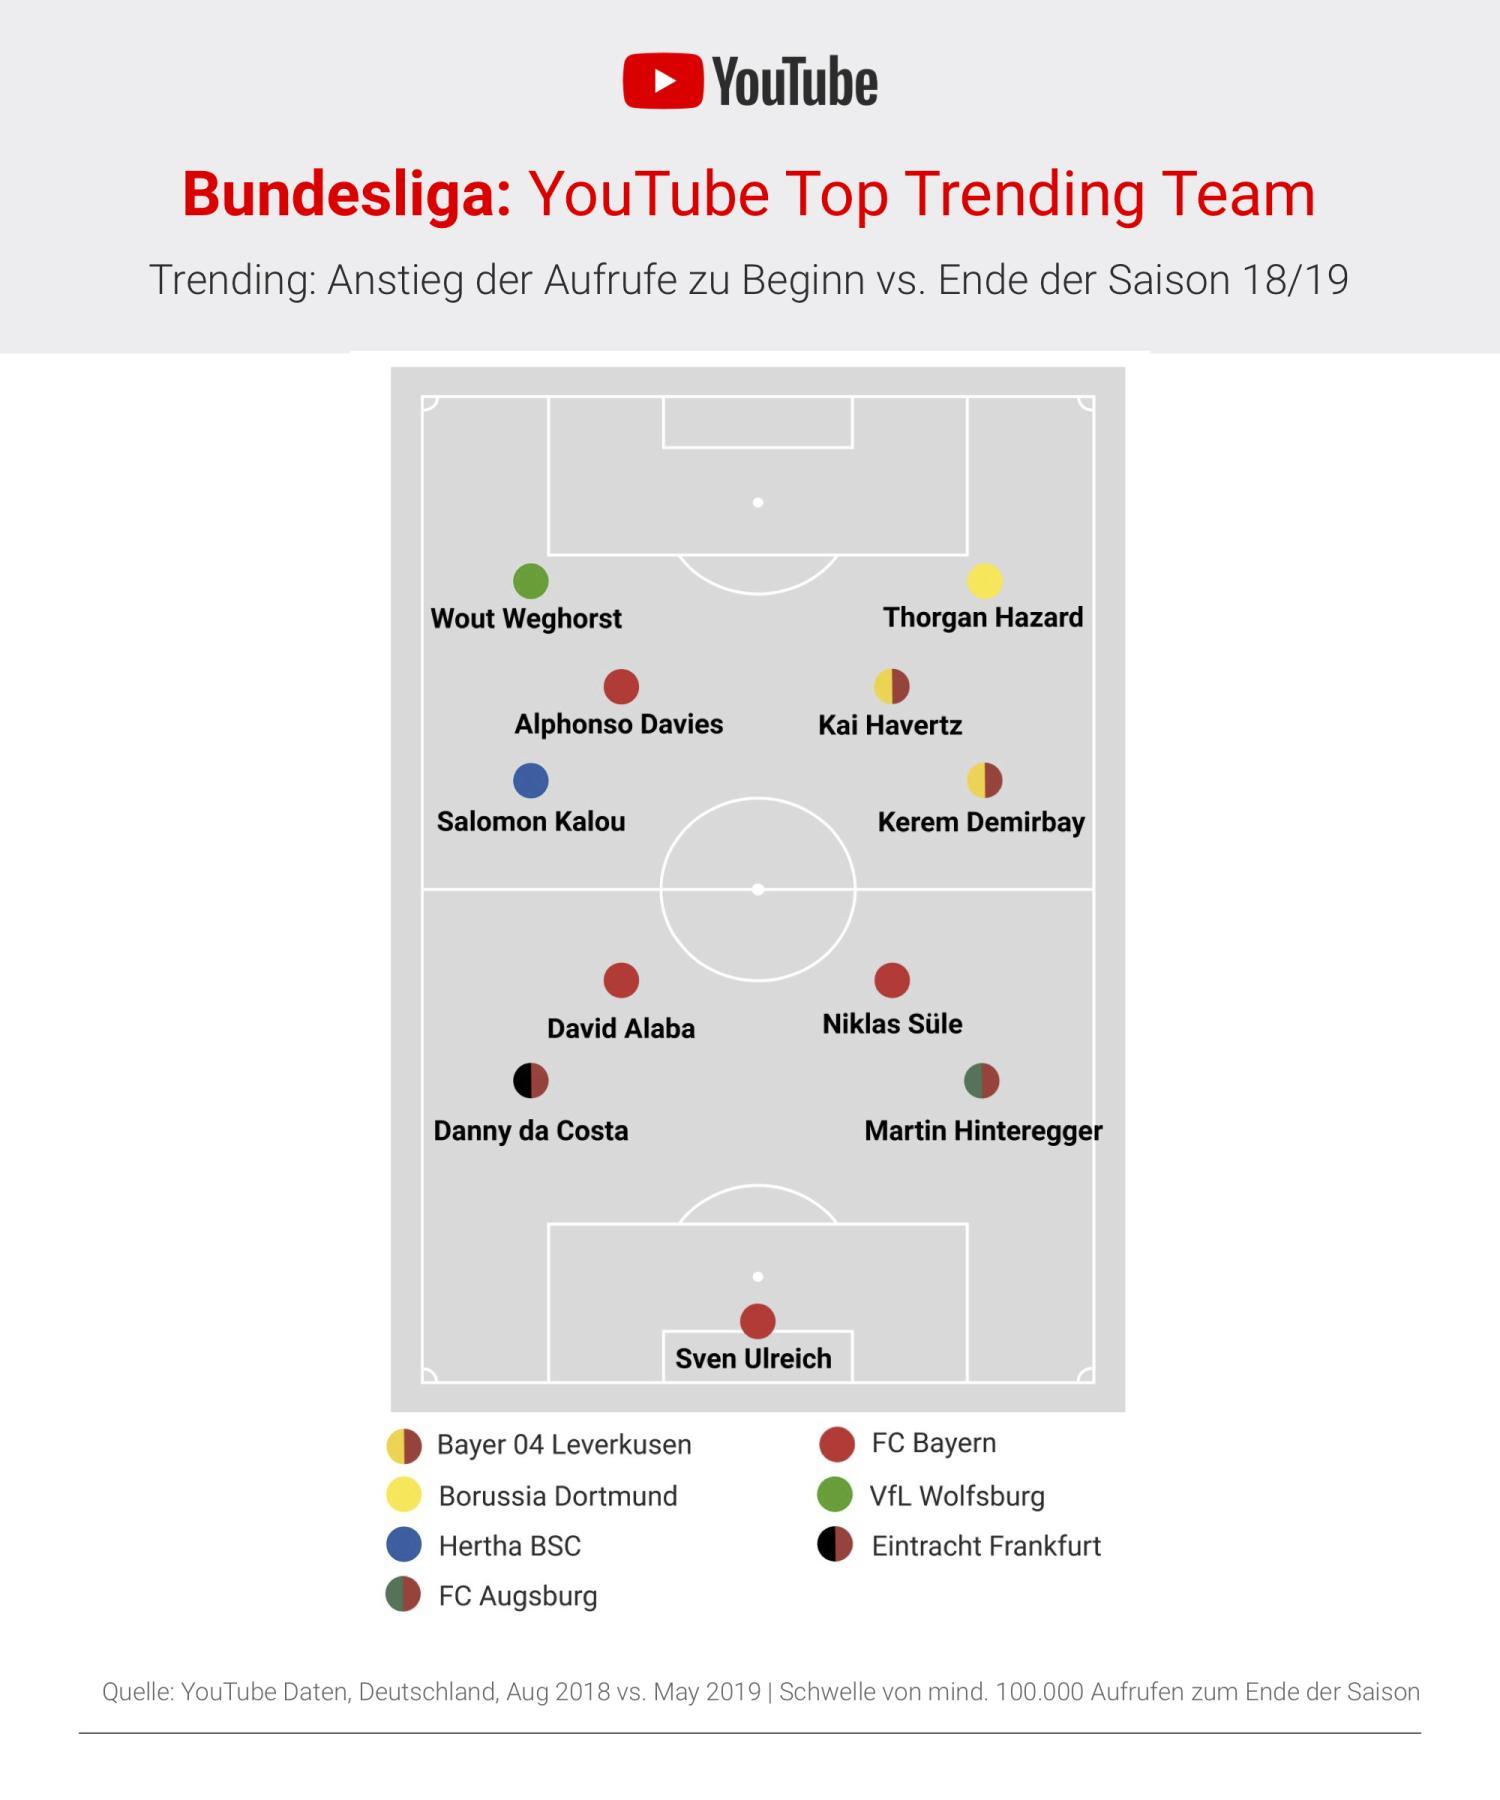 youtube trending team